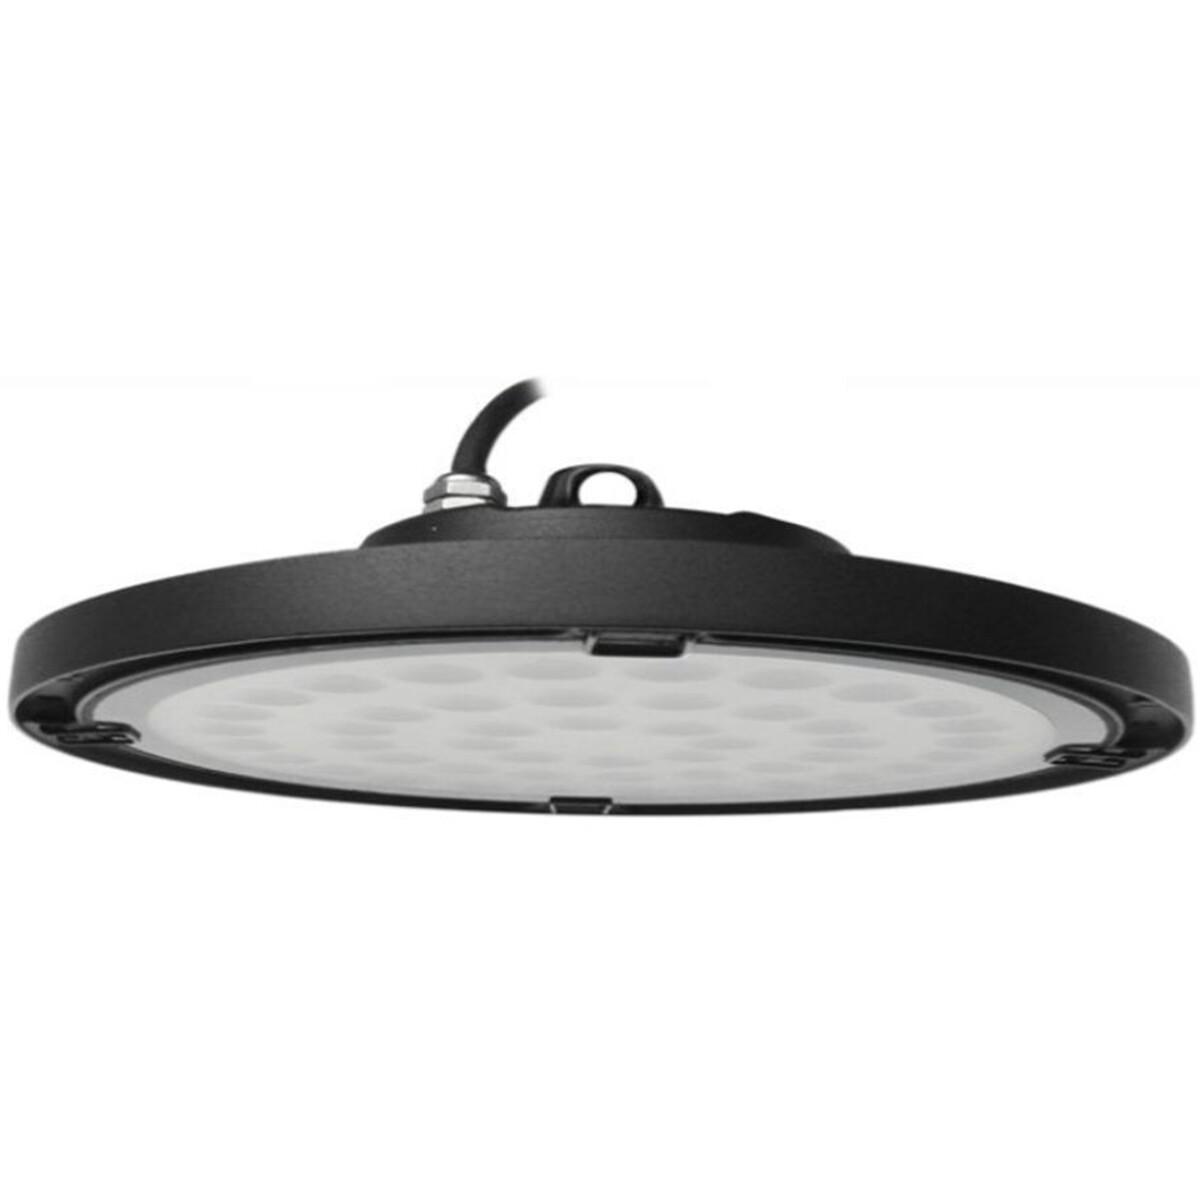 OSRAM - LED UFO High Bay 150W - Magazijnverlichting - Waterdicht IP65 - Helder/Koud Wit 6000K - Alum